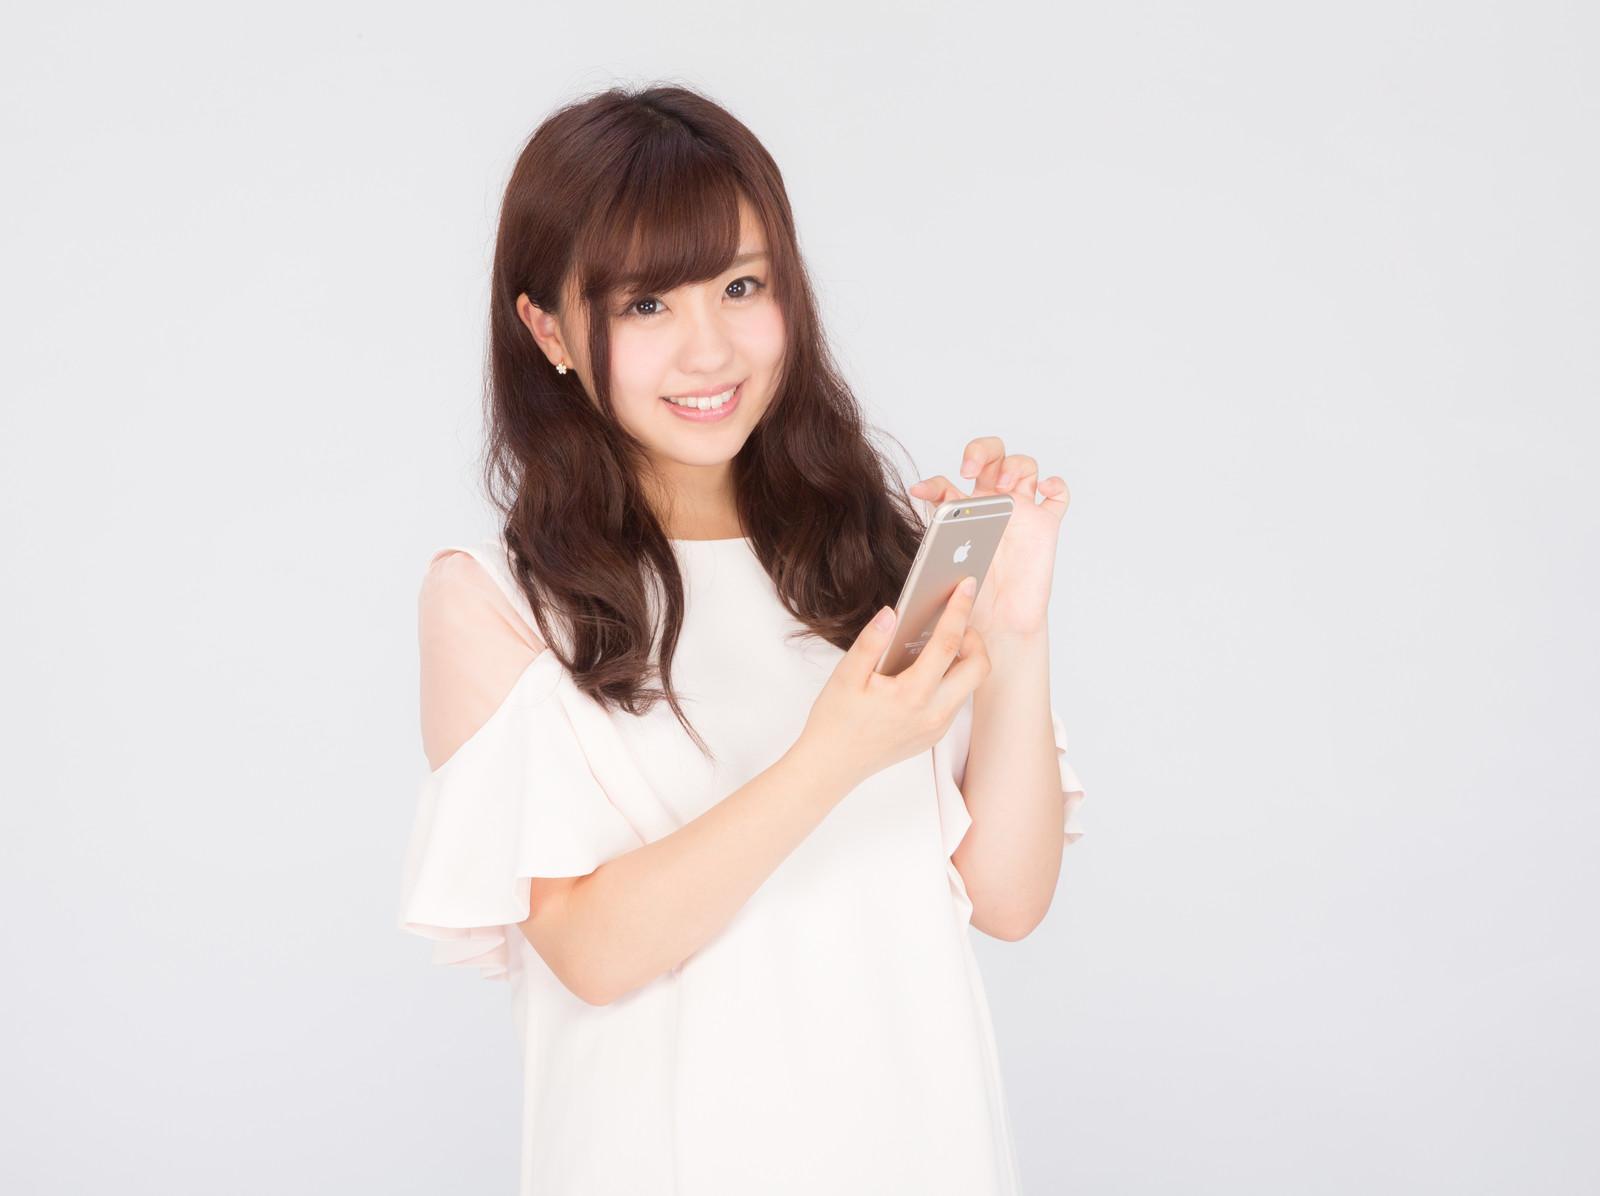 kawamura20160818253714_tp_v-1